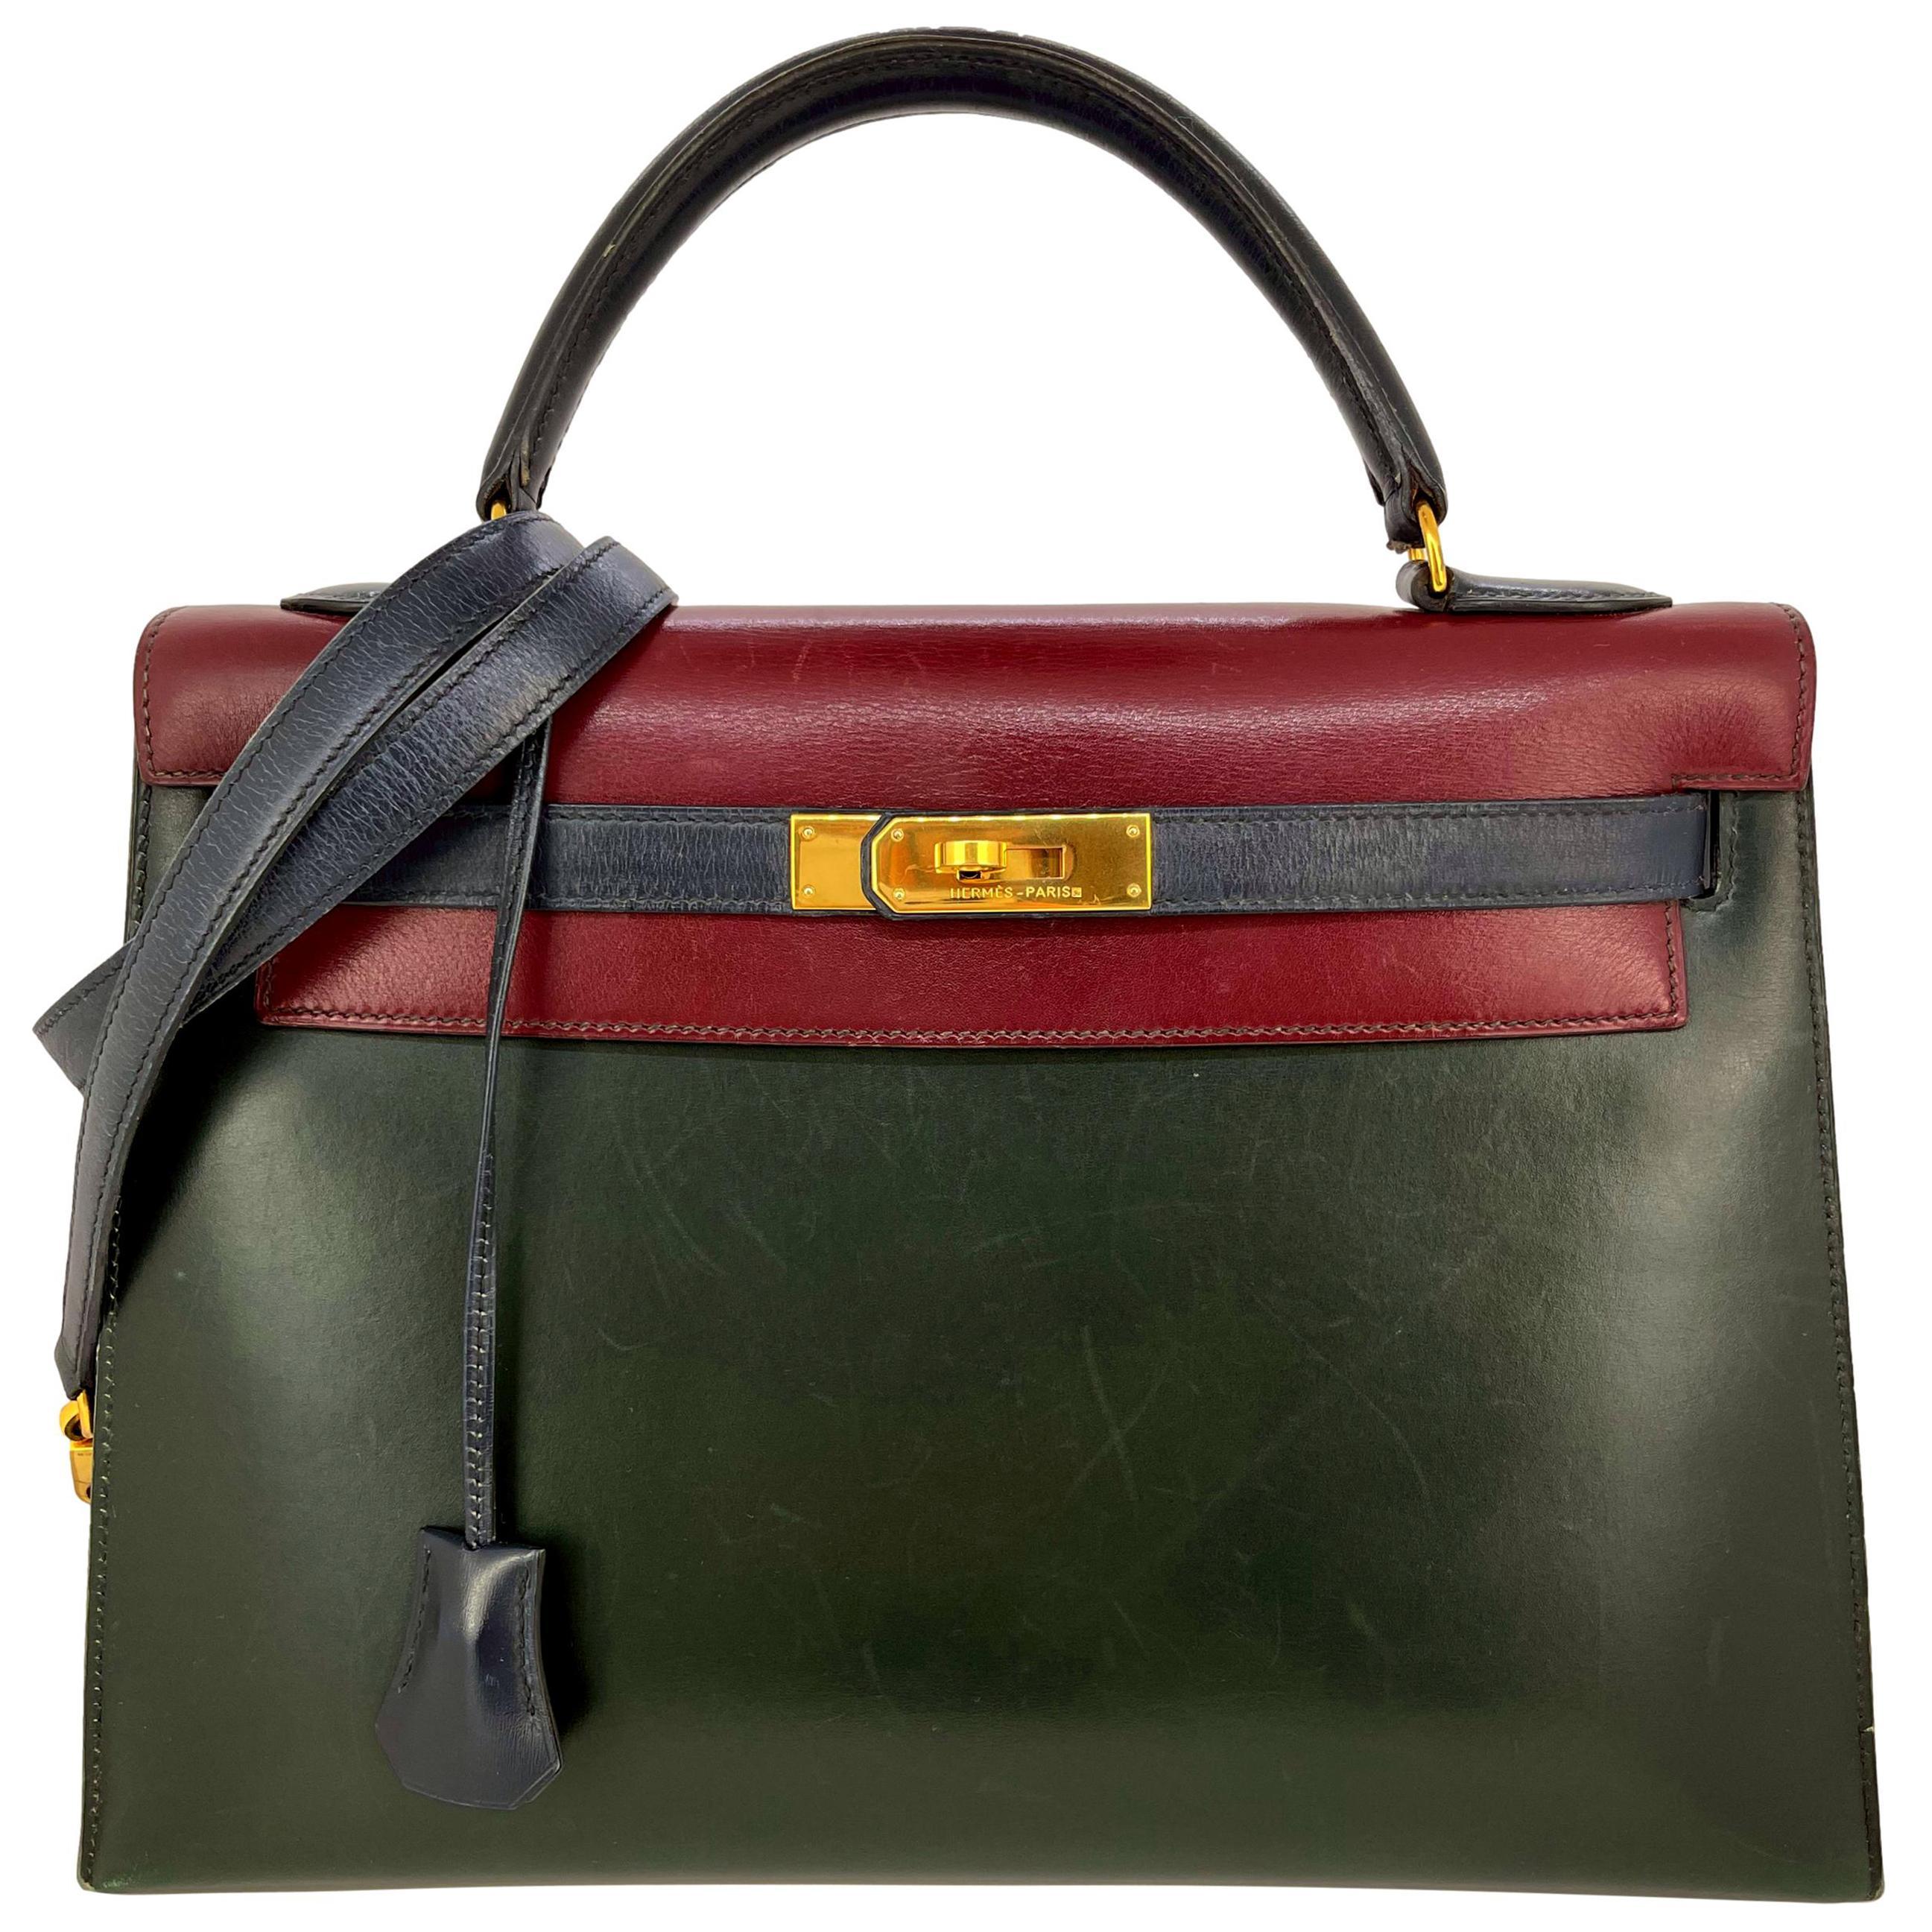 Hermès Limited Edition Vintage Tri-Color Box Calf Kelly Handbag 32, 1991.